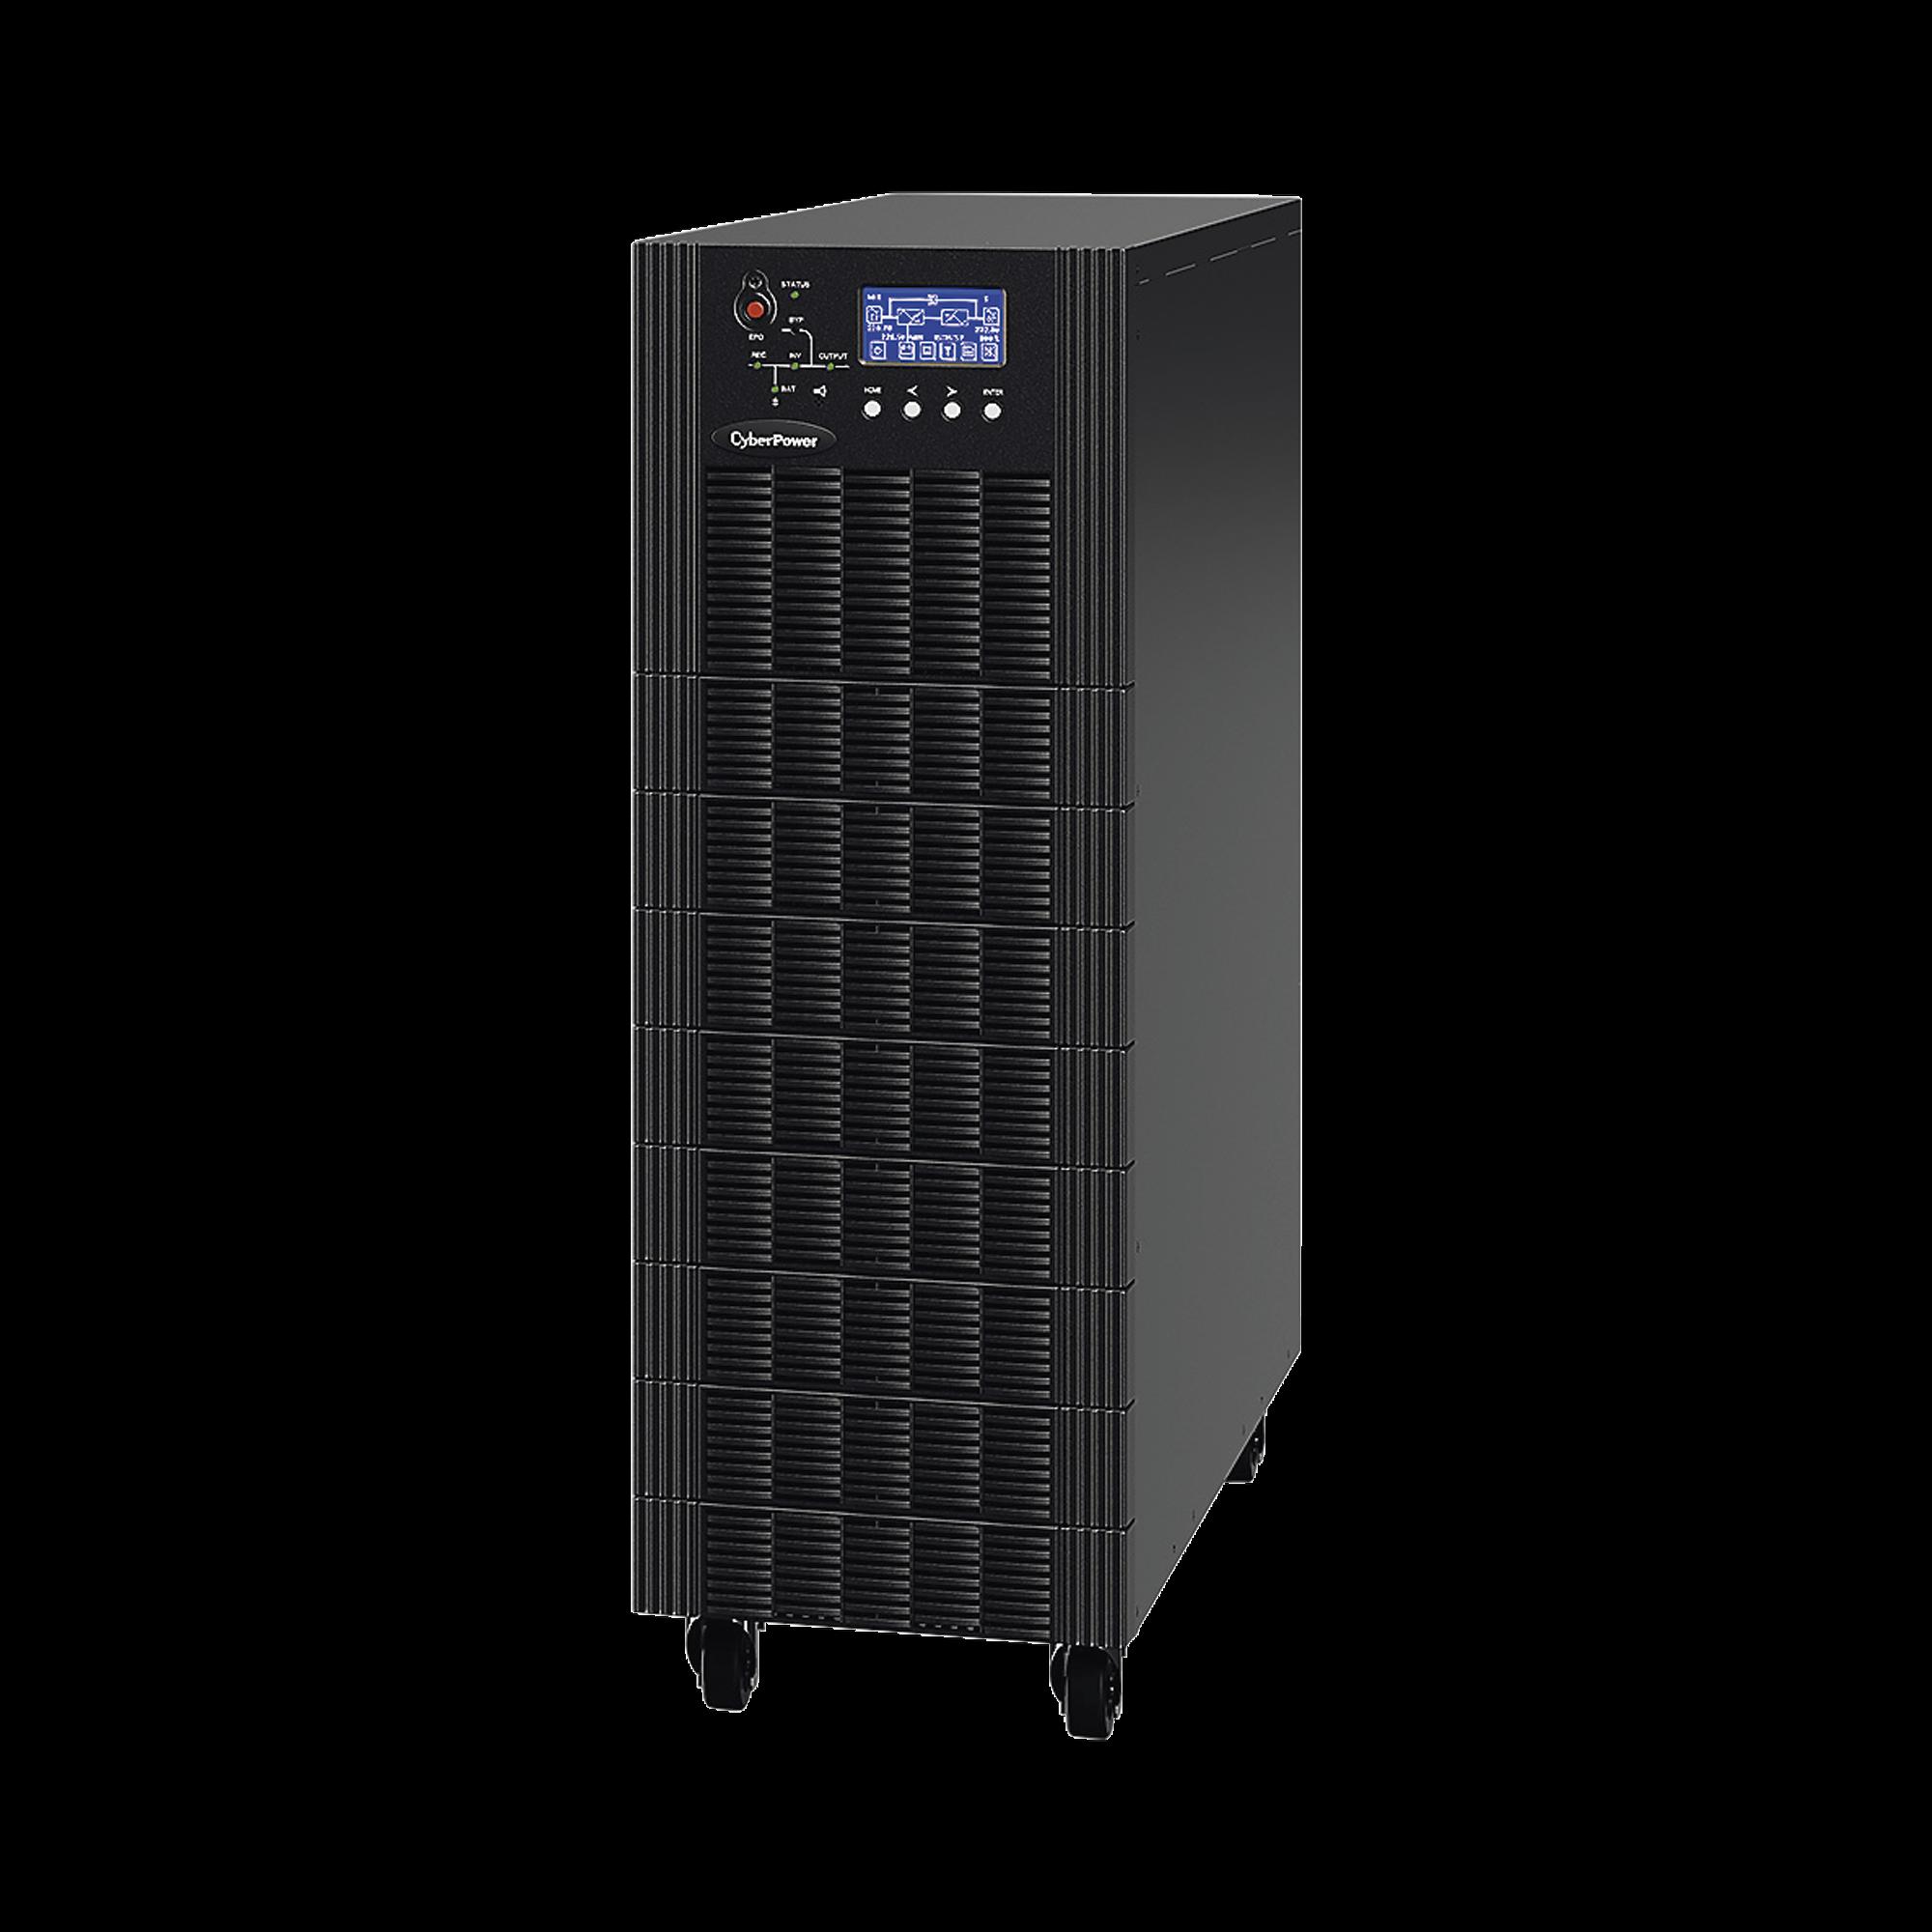 UPS Trifásico de 20 kVA/18 kW , Topología Online Doble Conversión, Voltaje de 208/220 Vca de L-L, Respaldo de 5 Minutos al 100% de Carga, Incluye Módulo y Banco de Baterías